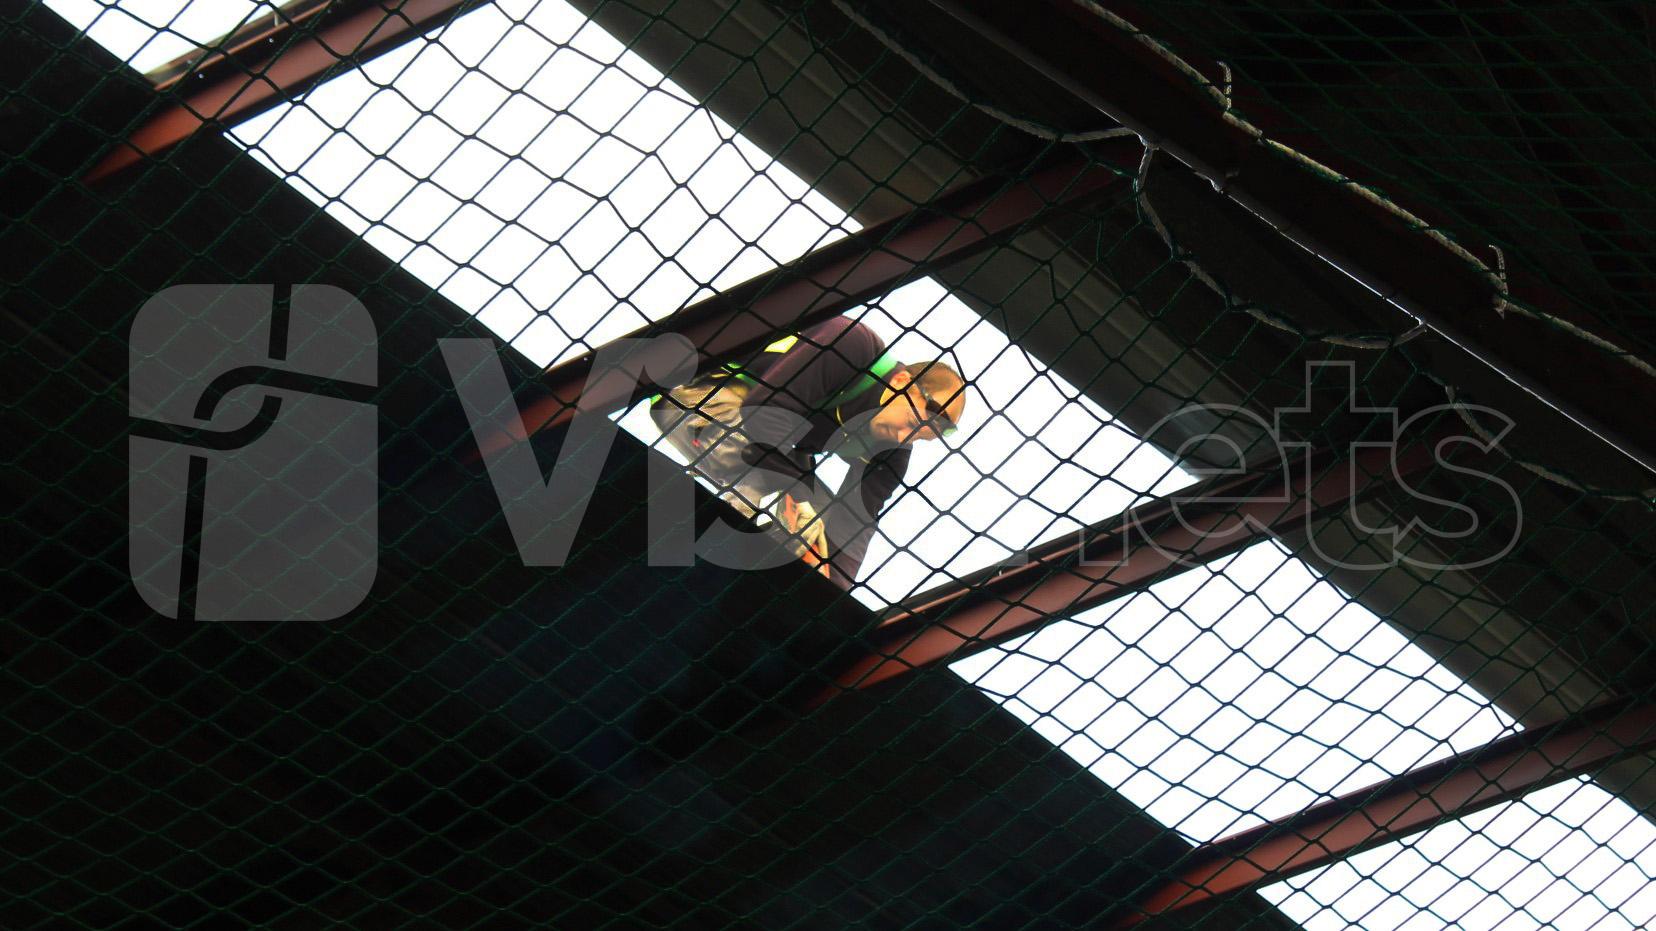 cubiertas-frágiles-redes-de-seguridad-visornets